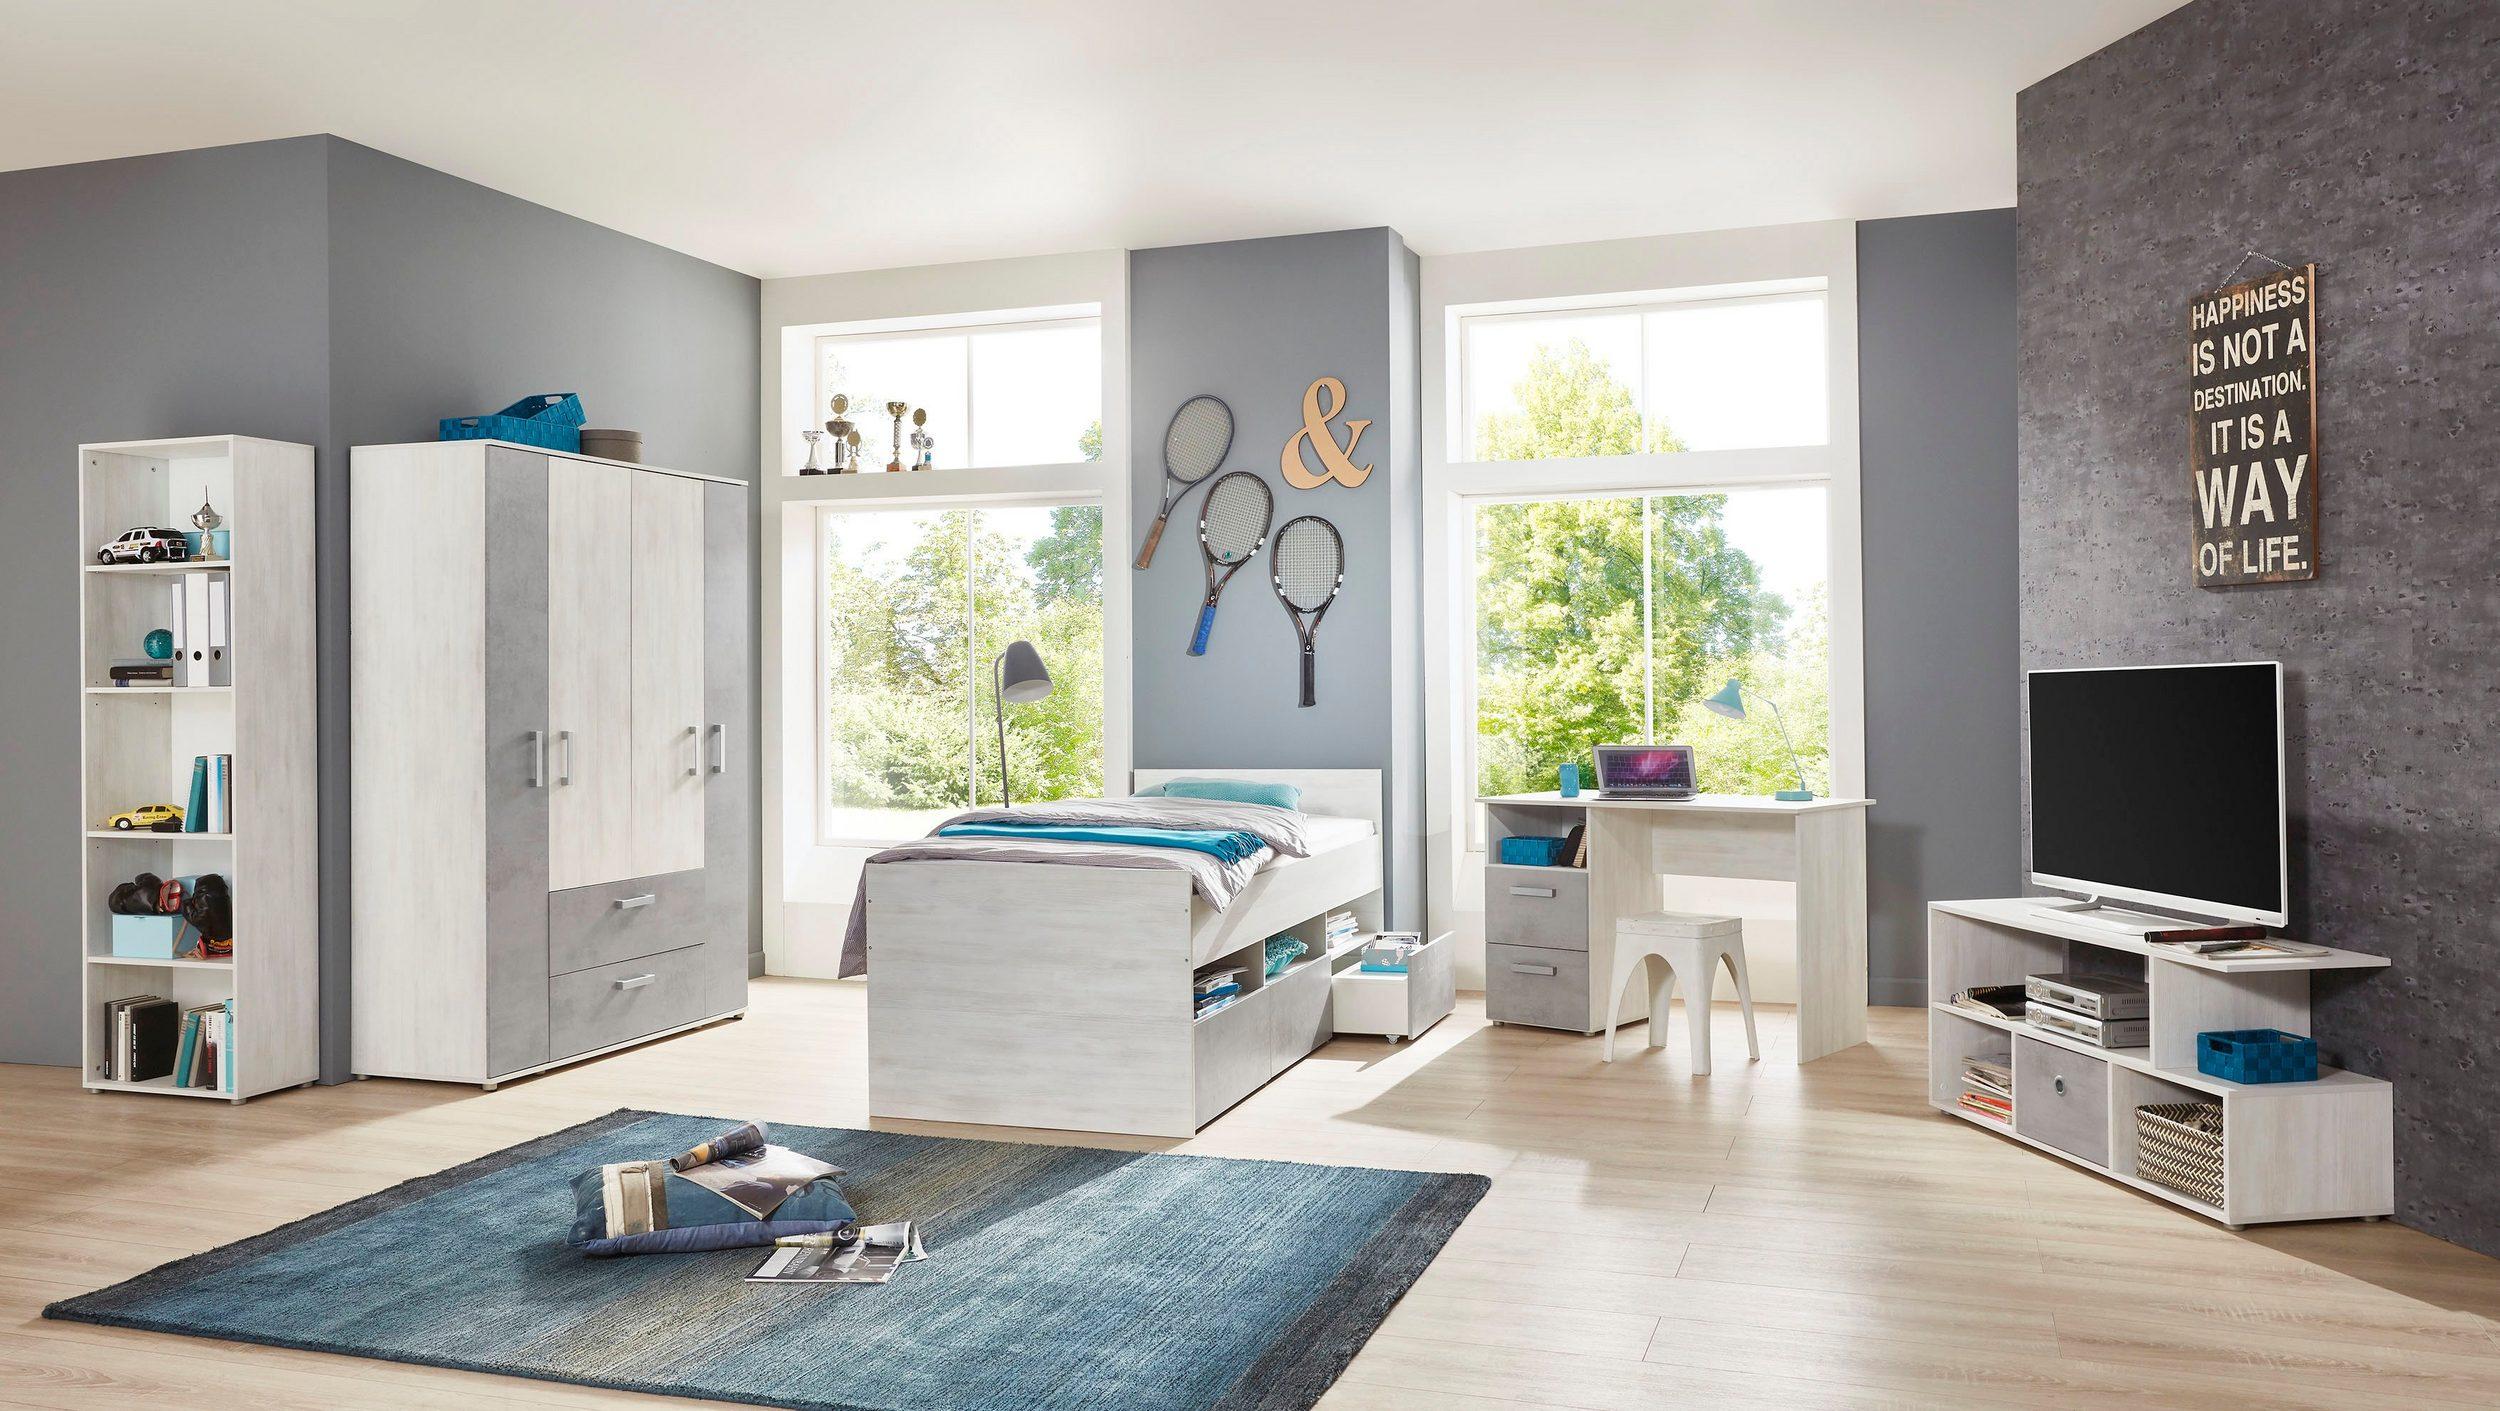 Kinderzimmer Insa 5 Teile in White Washed Wood und Stone von Arthur Berndt